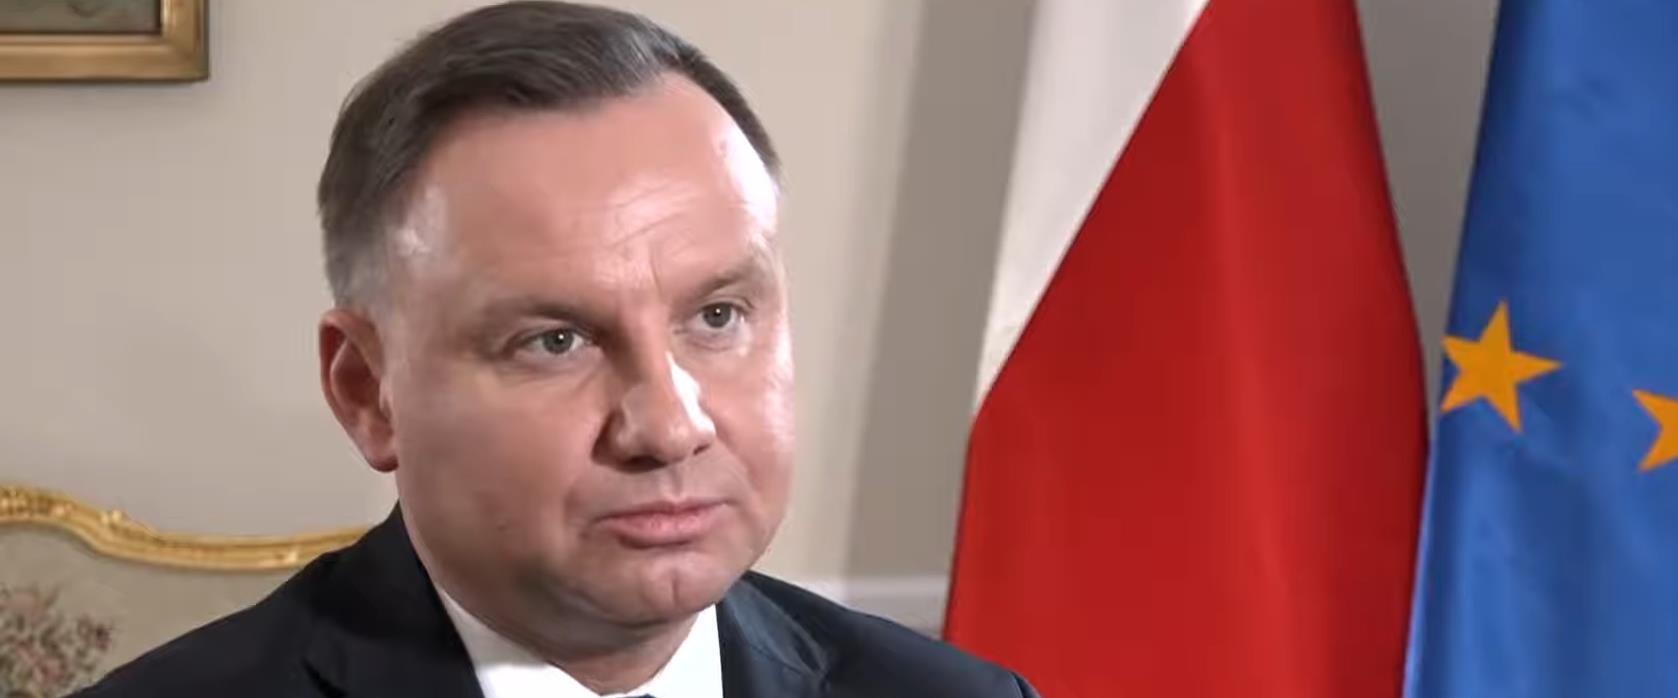 נשיאי רוסיה ופולין